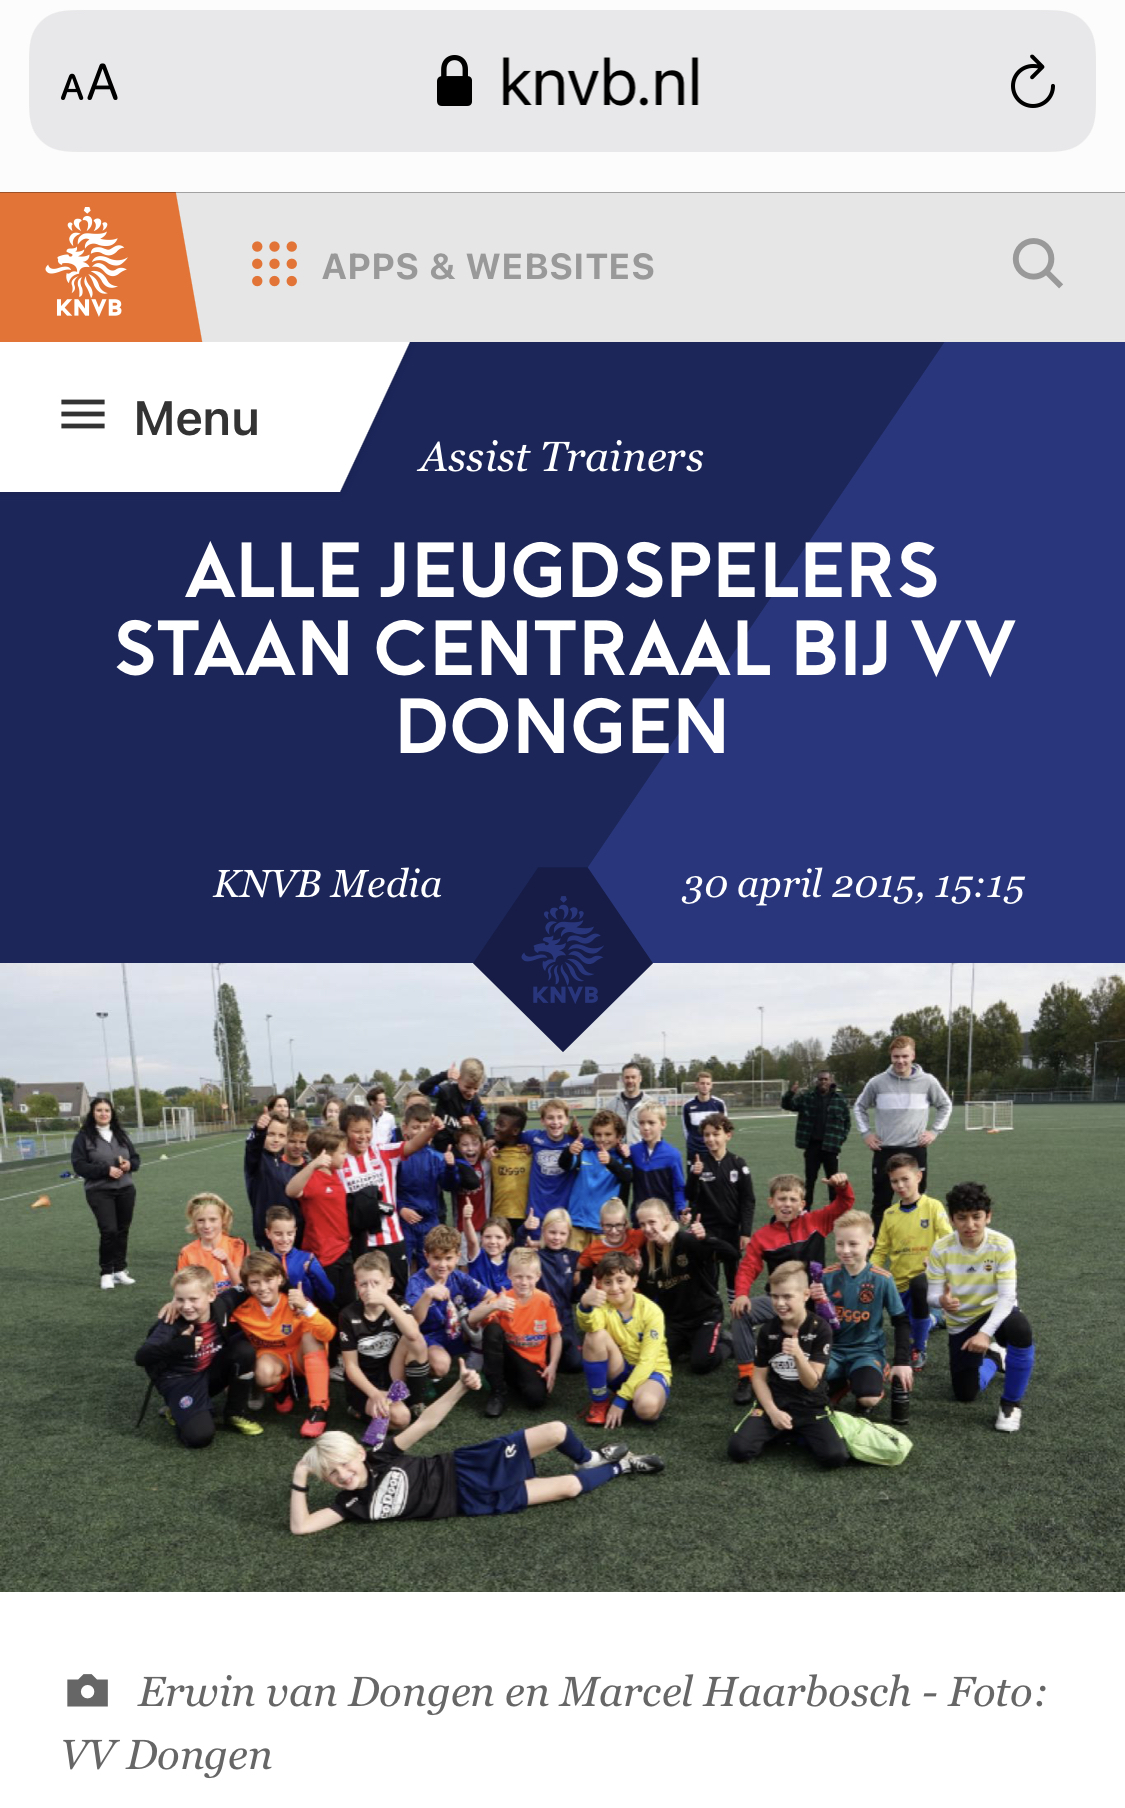 KNVB plaatst VV Dongen op hun site